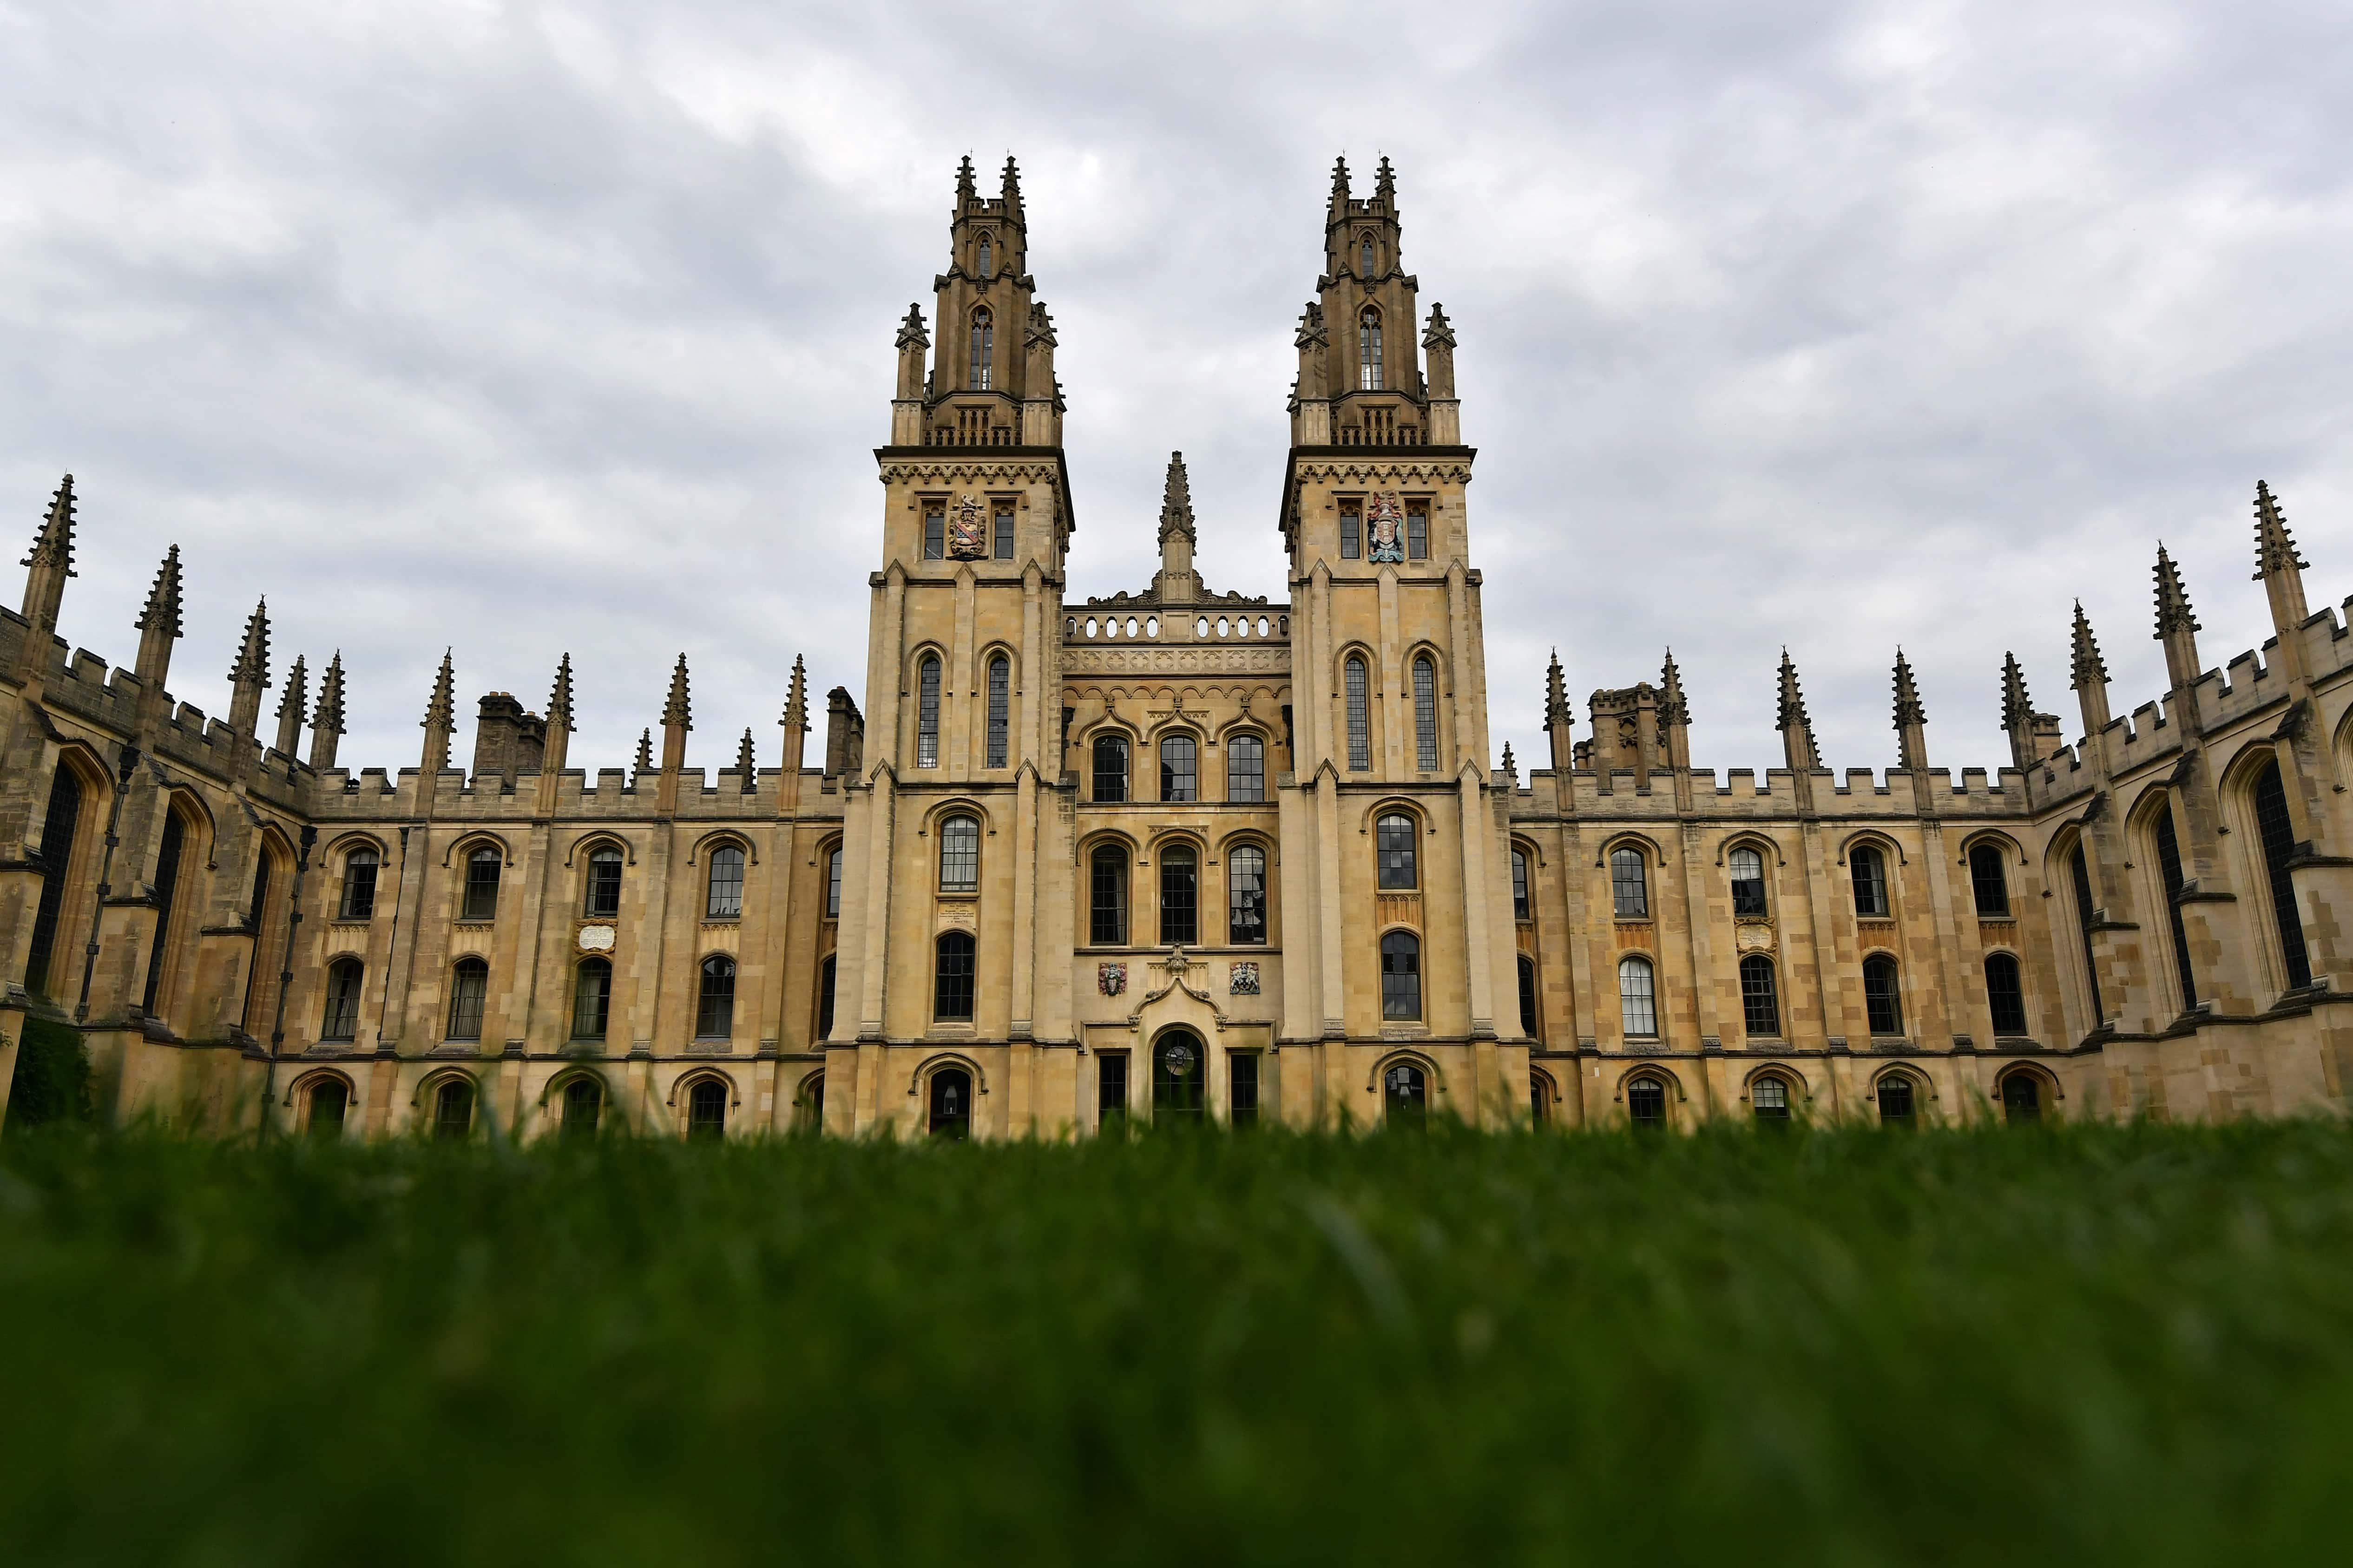 менее, фото оксфордского университета геометрически правильной